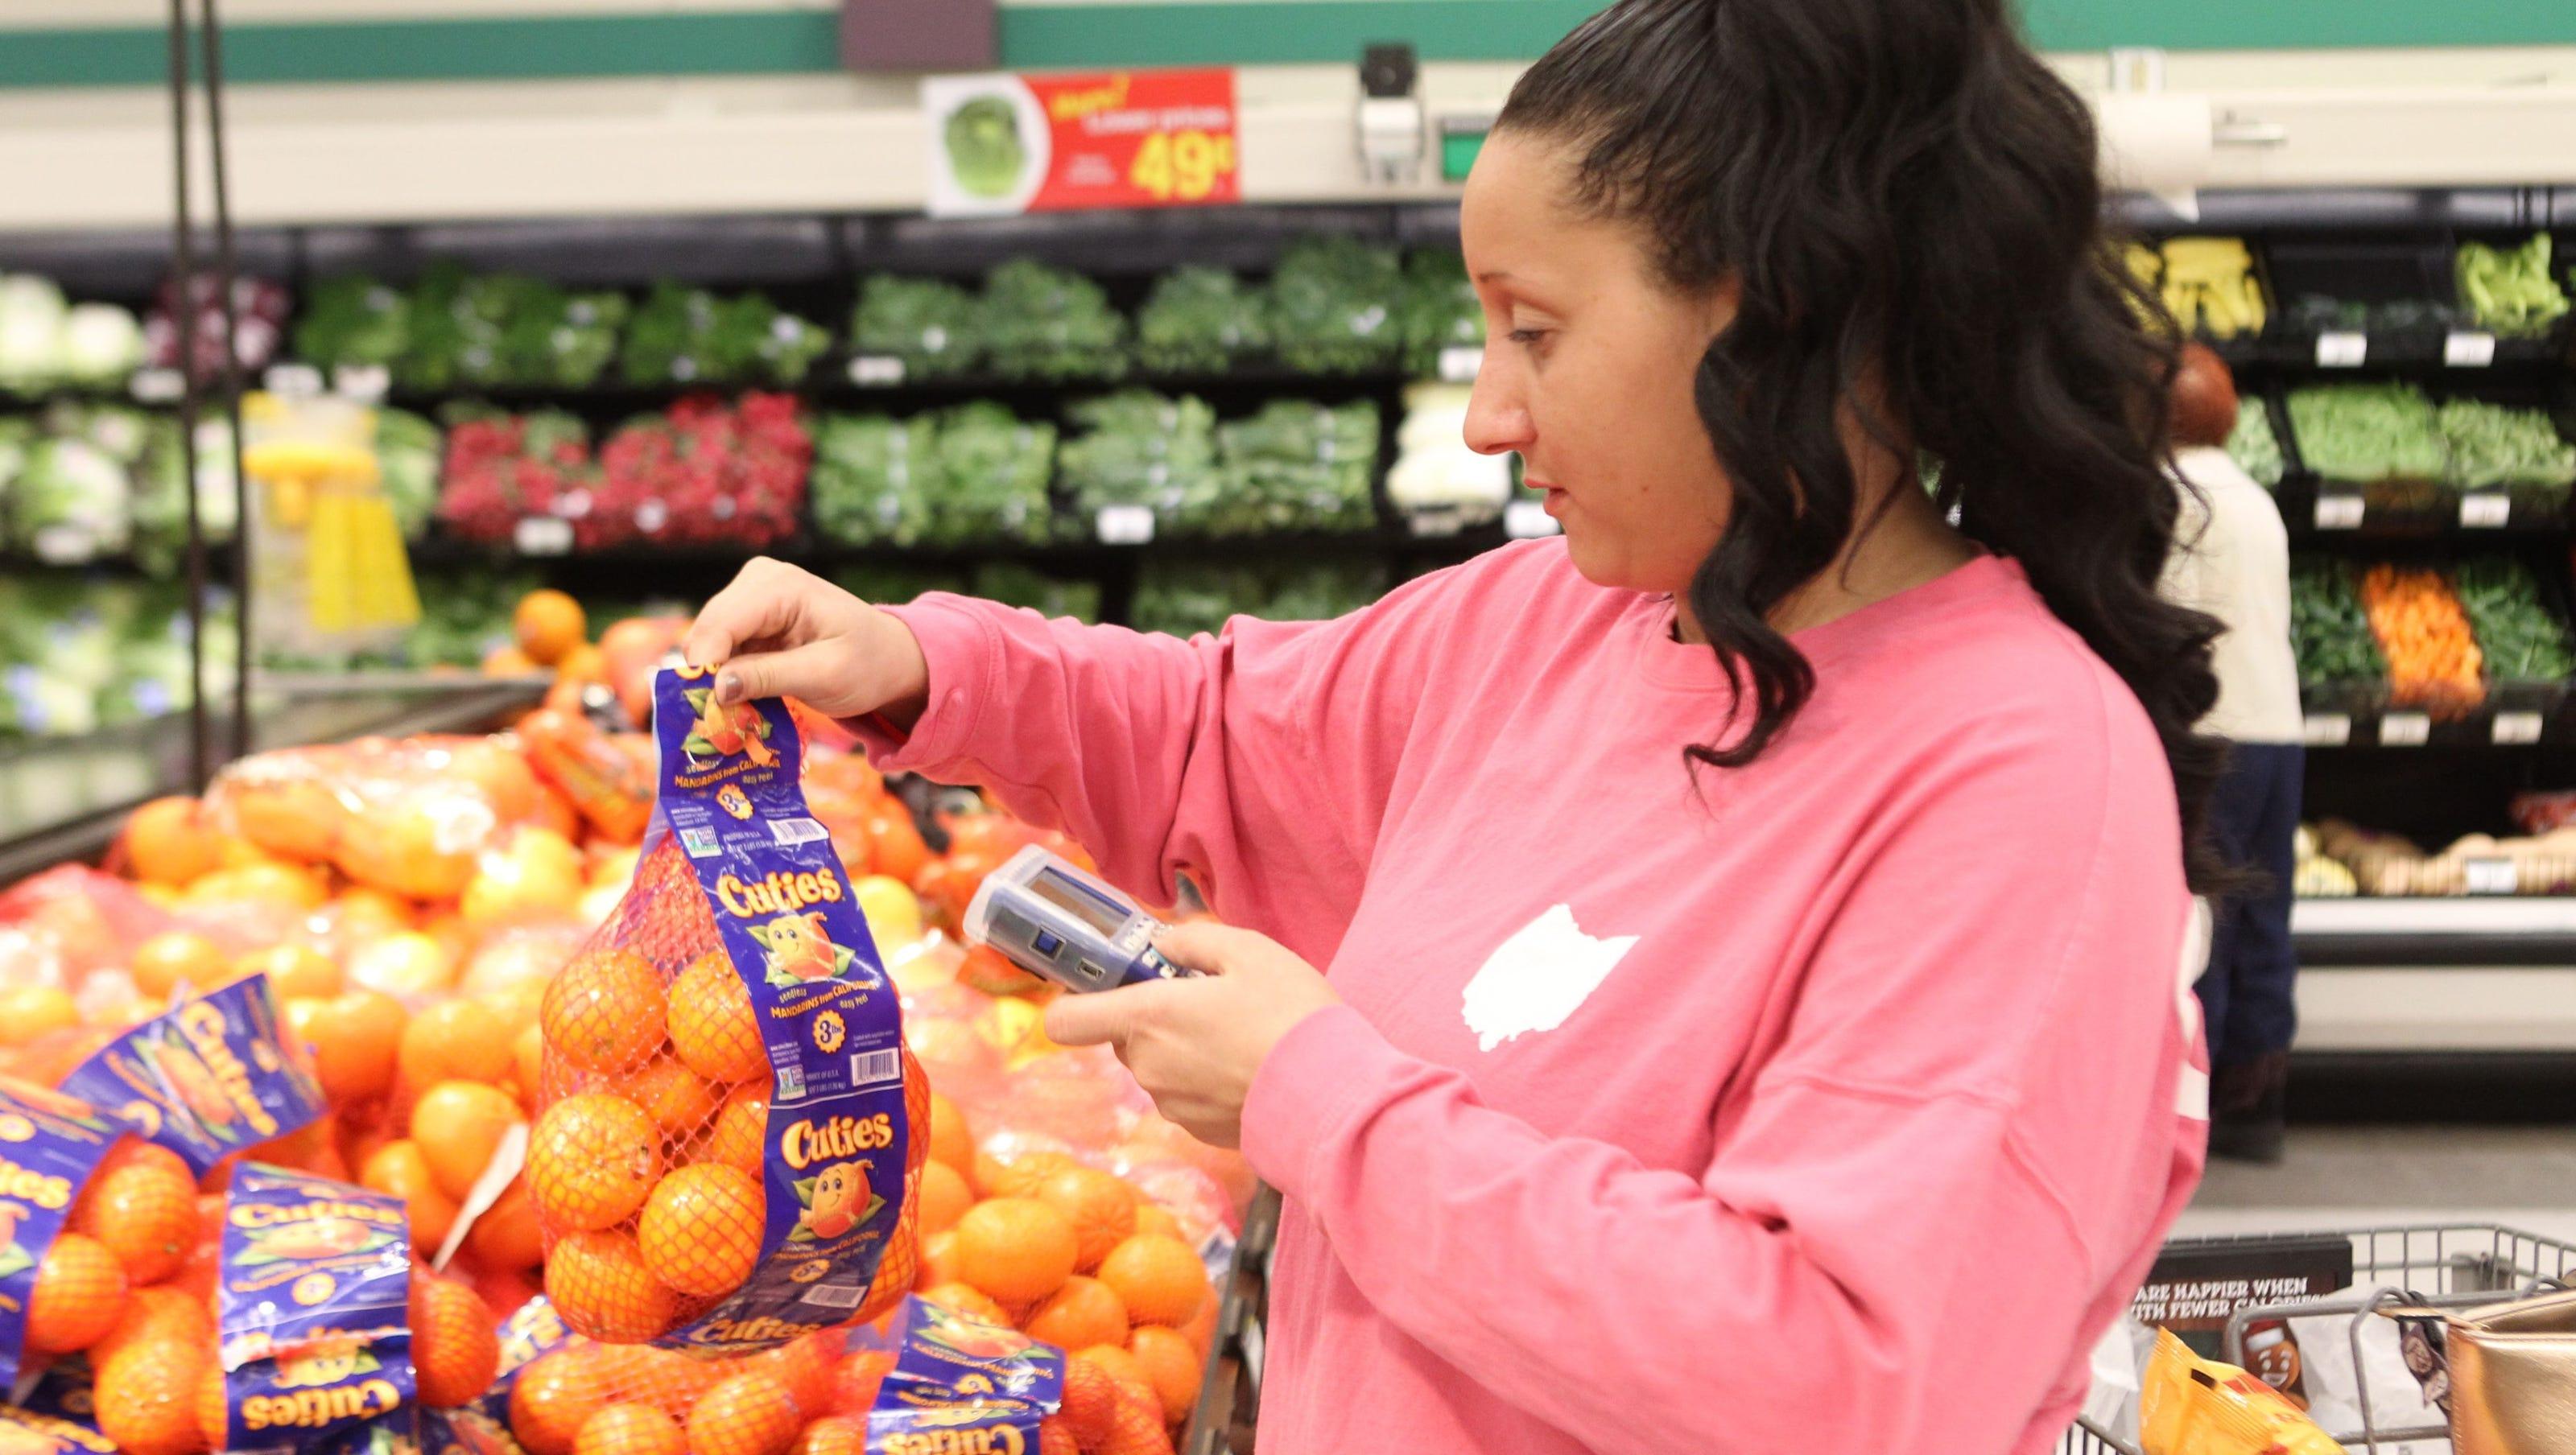 Kroger partners with UK online grocer Ocado, plans ...